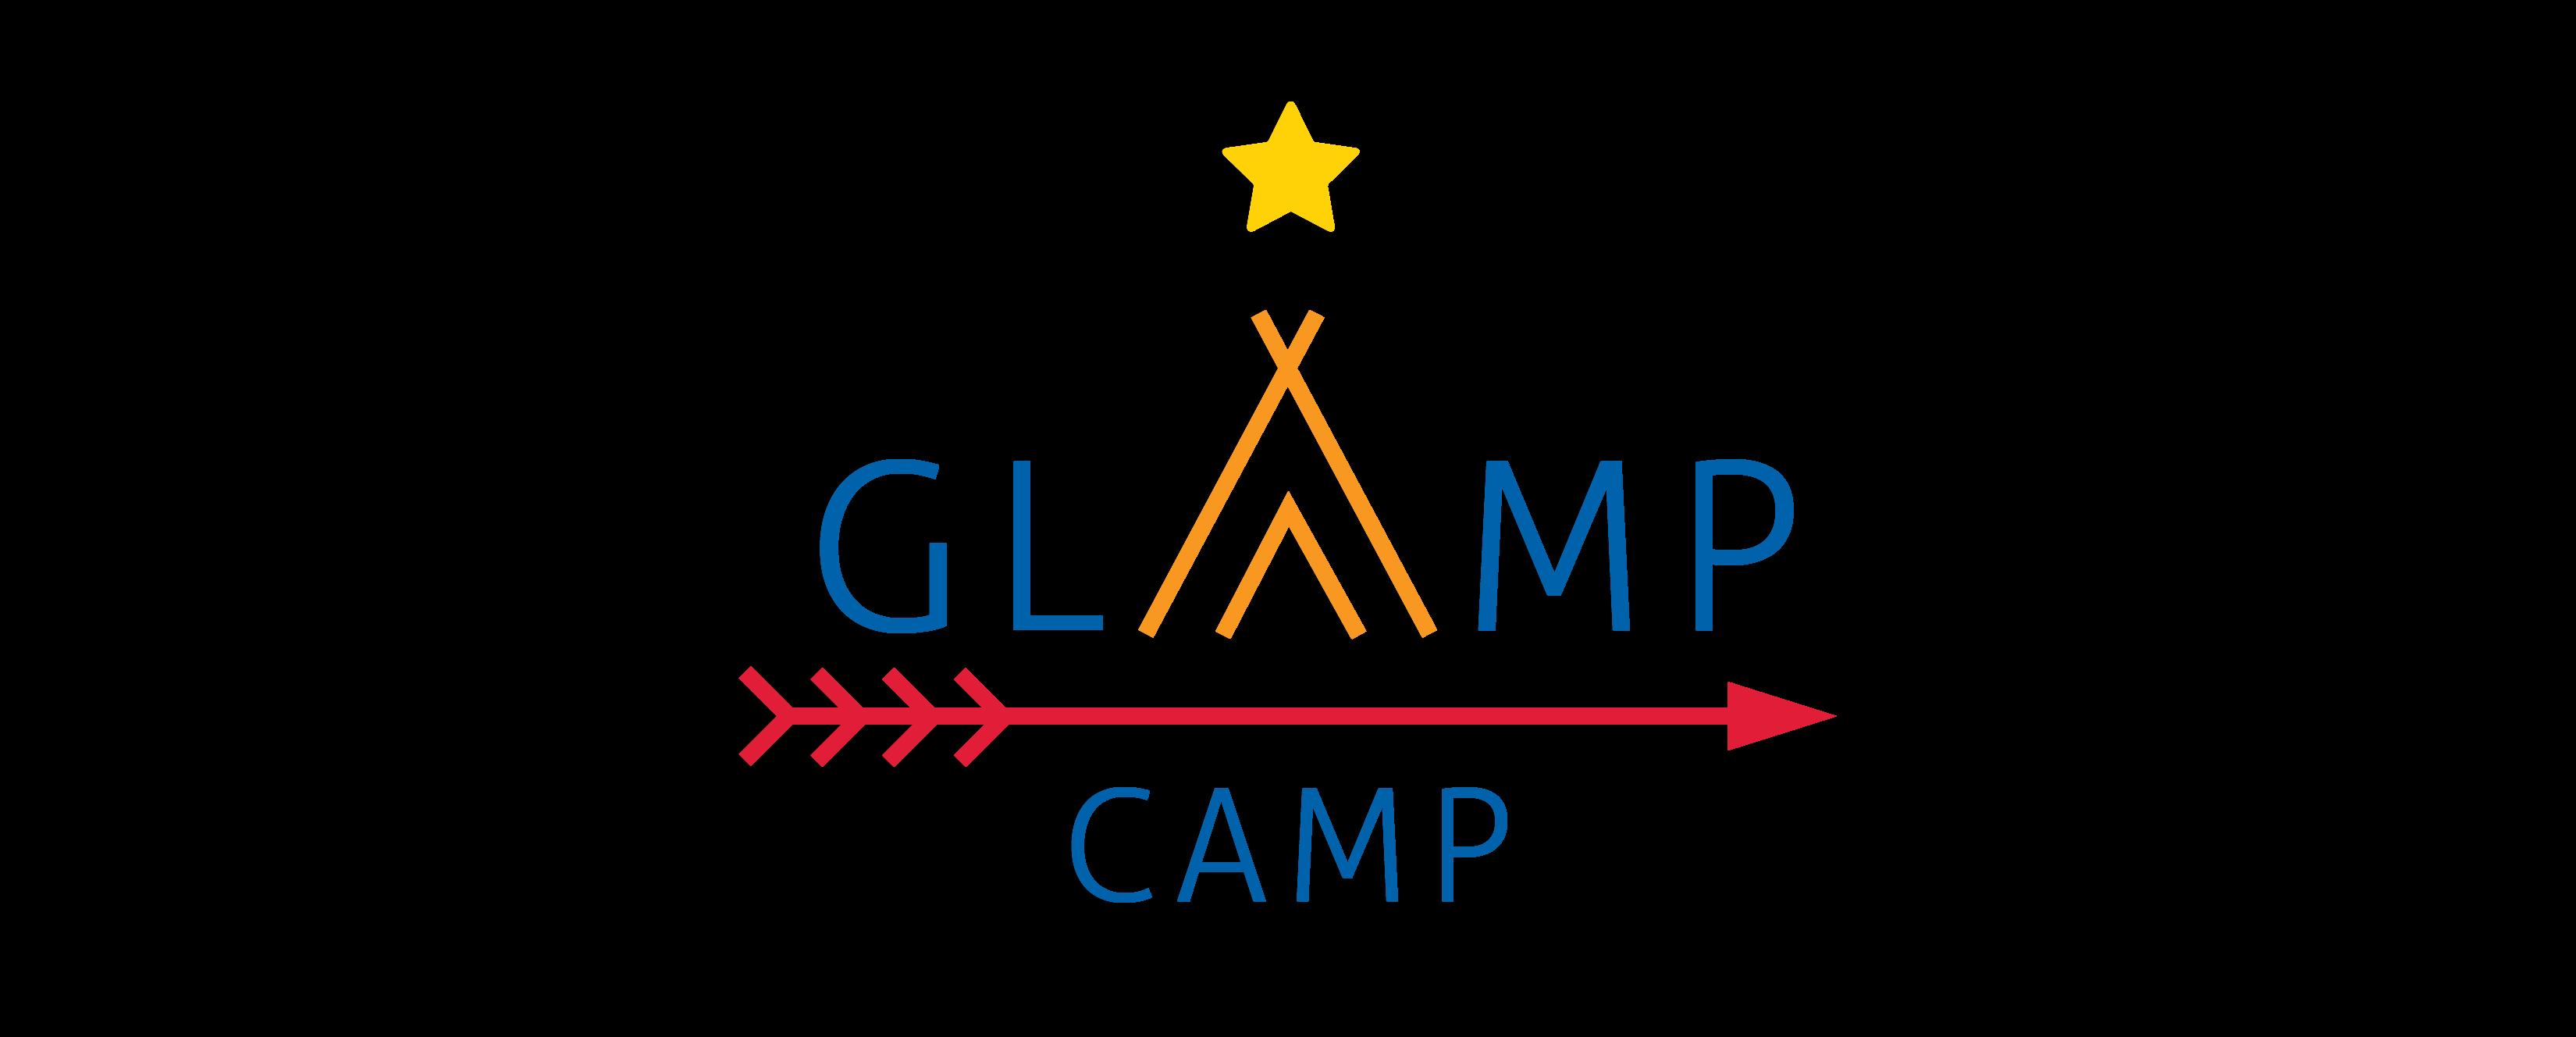 Glamp Camp Colorado